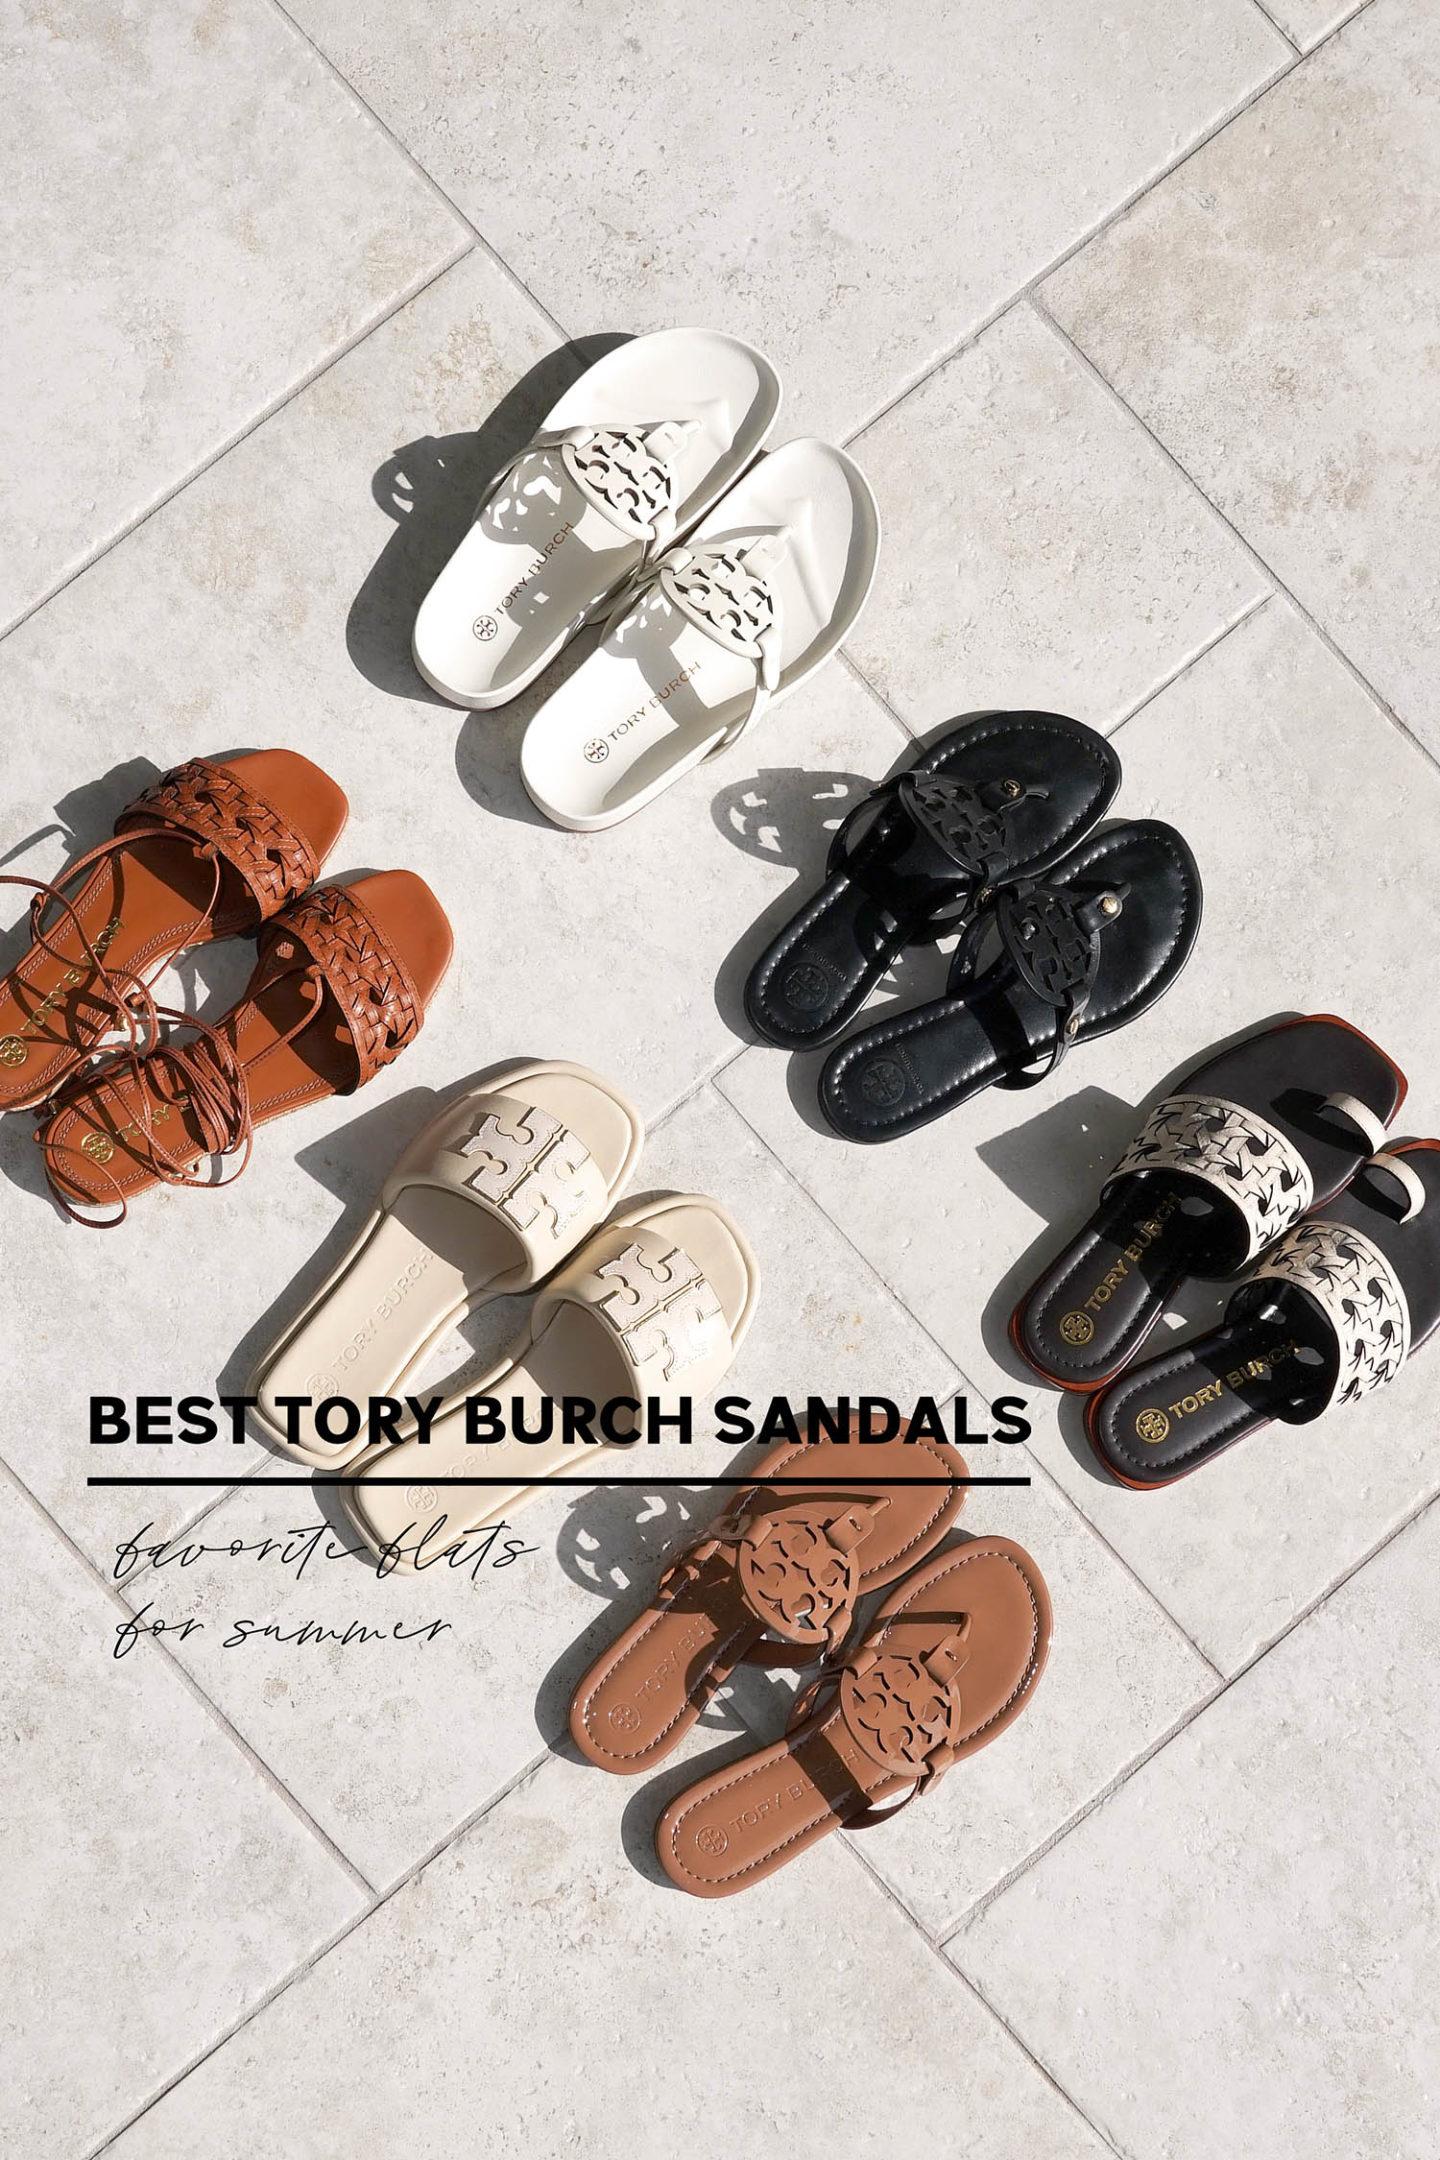 Meilleures sandales Tory Burch    Le Lookbook Beauté